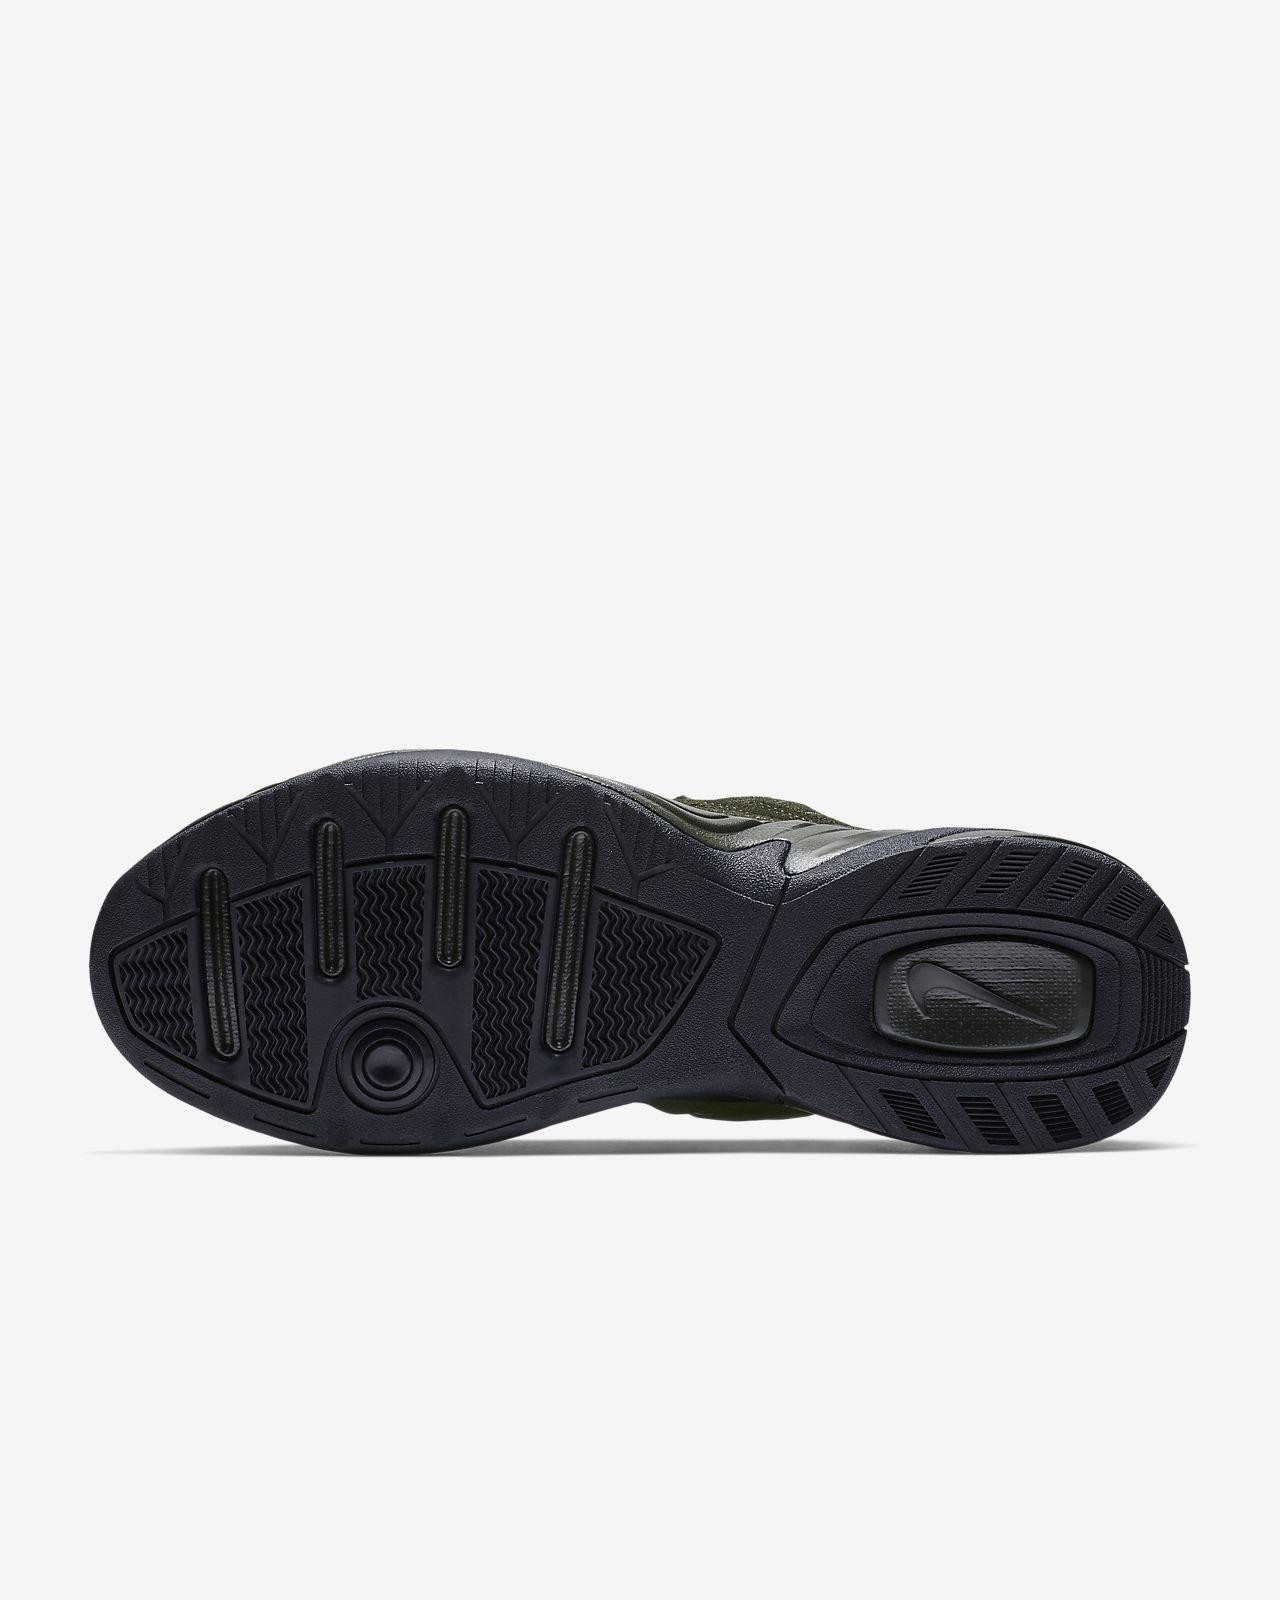 new product 9bb69 da586 ... Nike M2K Tekno SP Men s Shoe